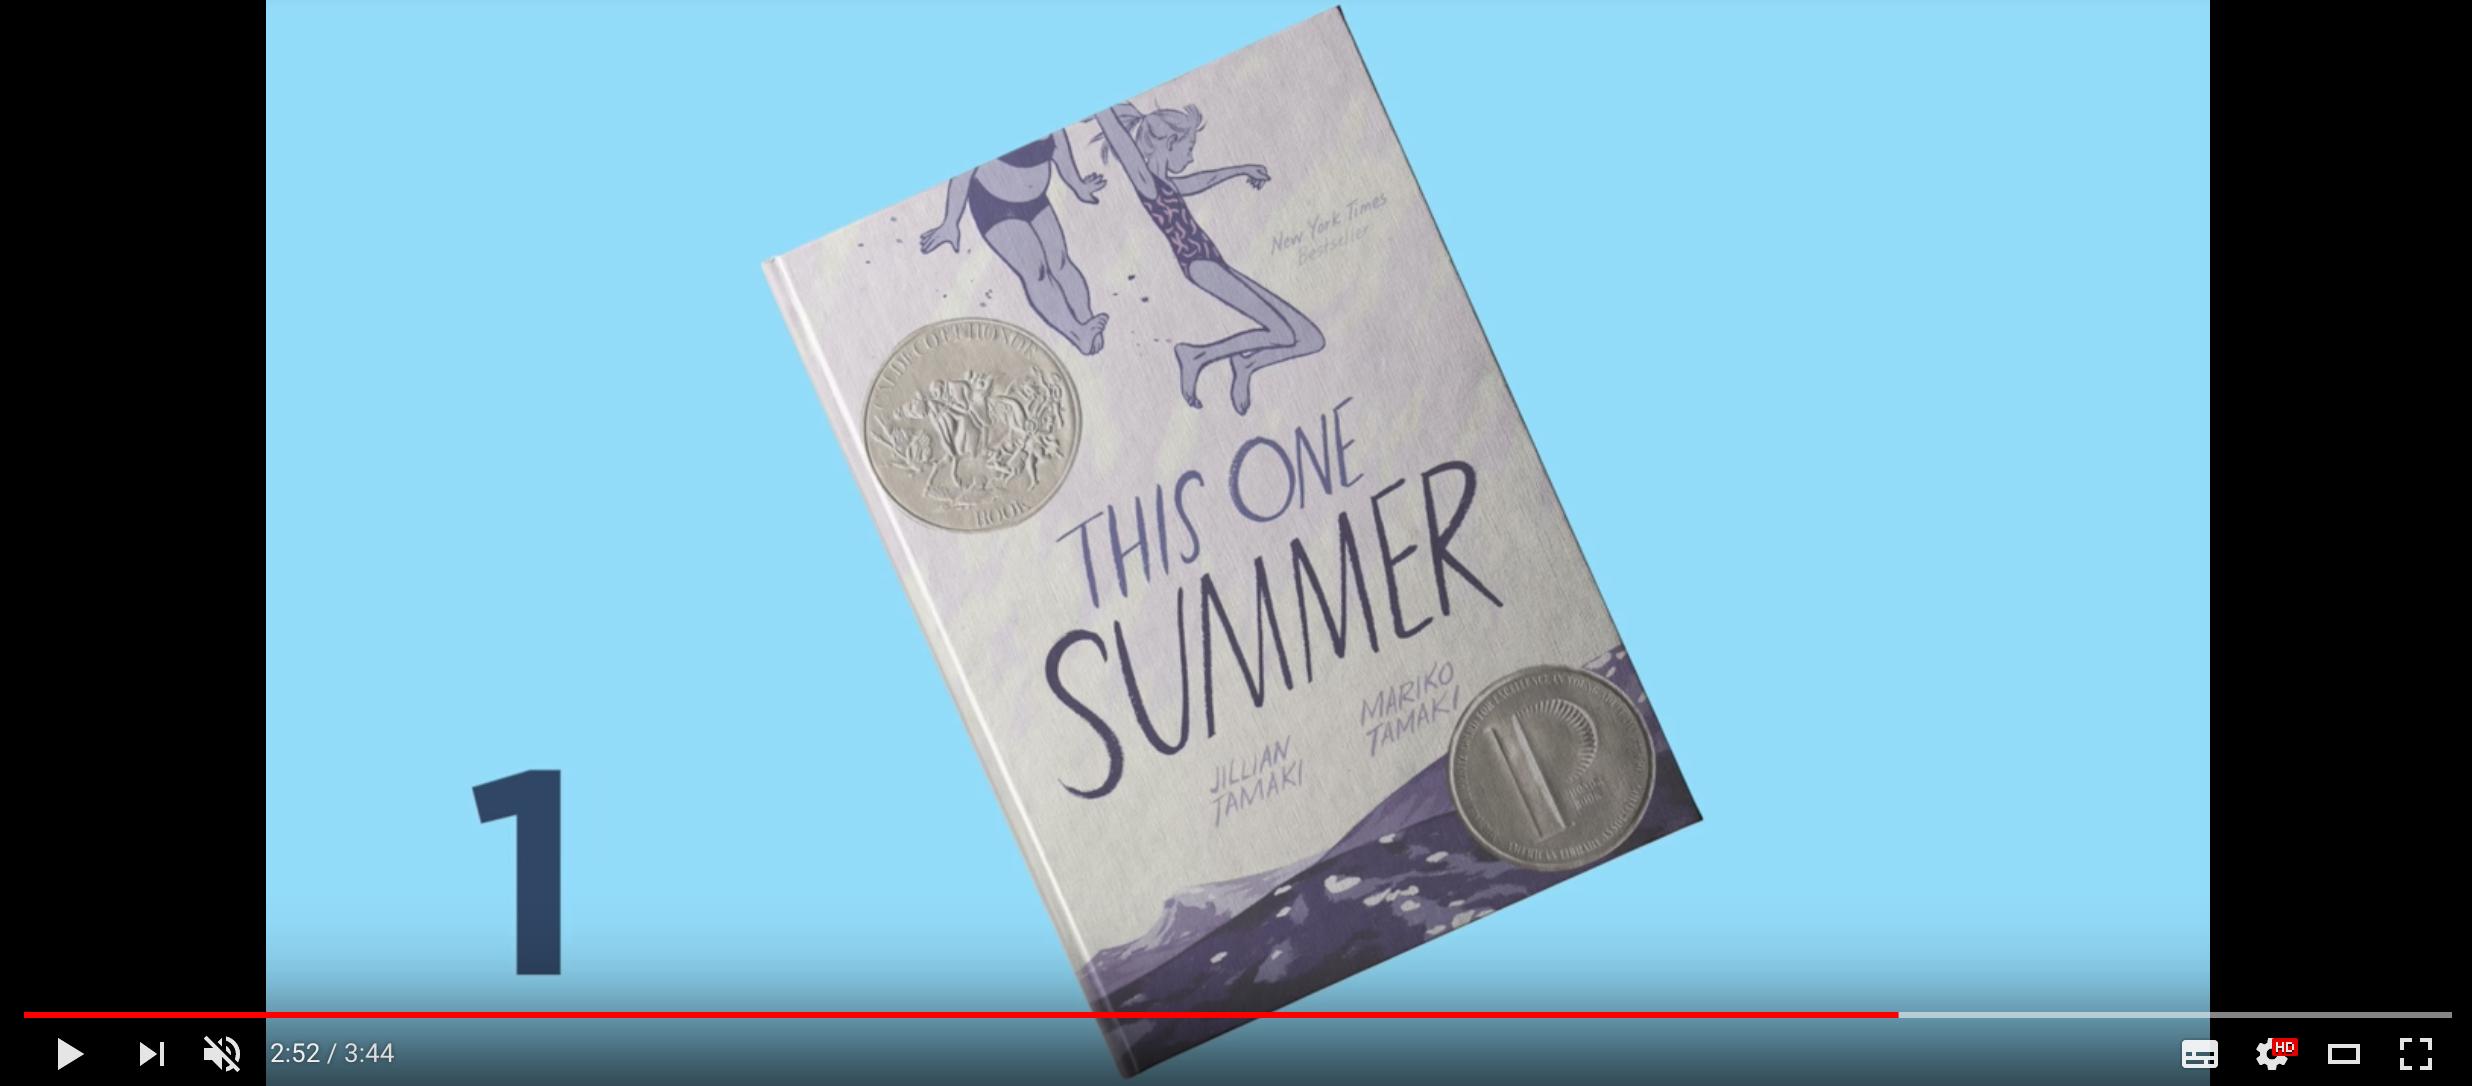 マリコ・タマキ & ジュリアン・タマキ『This One Summer』(動画「Top Ten Challenged Books of 2016」よりスクリーンショット)